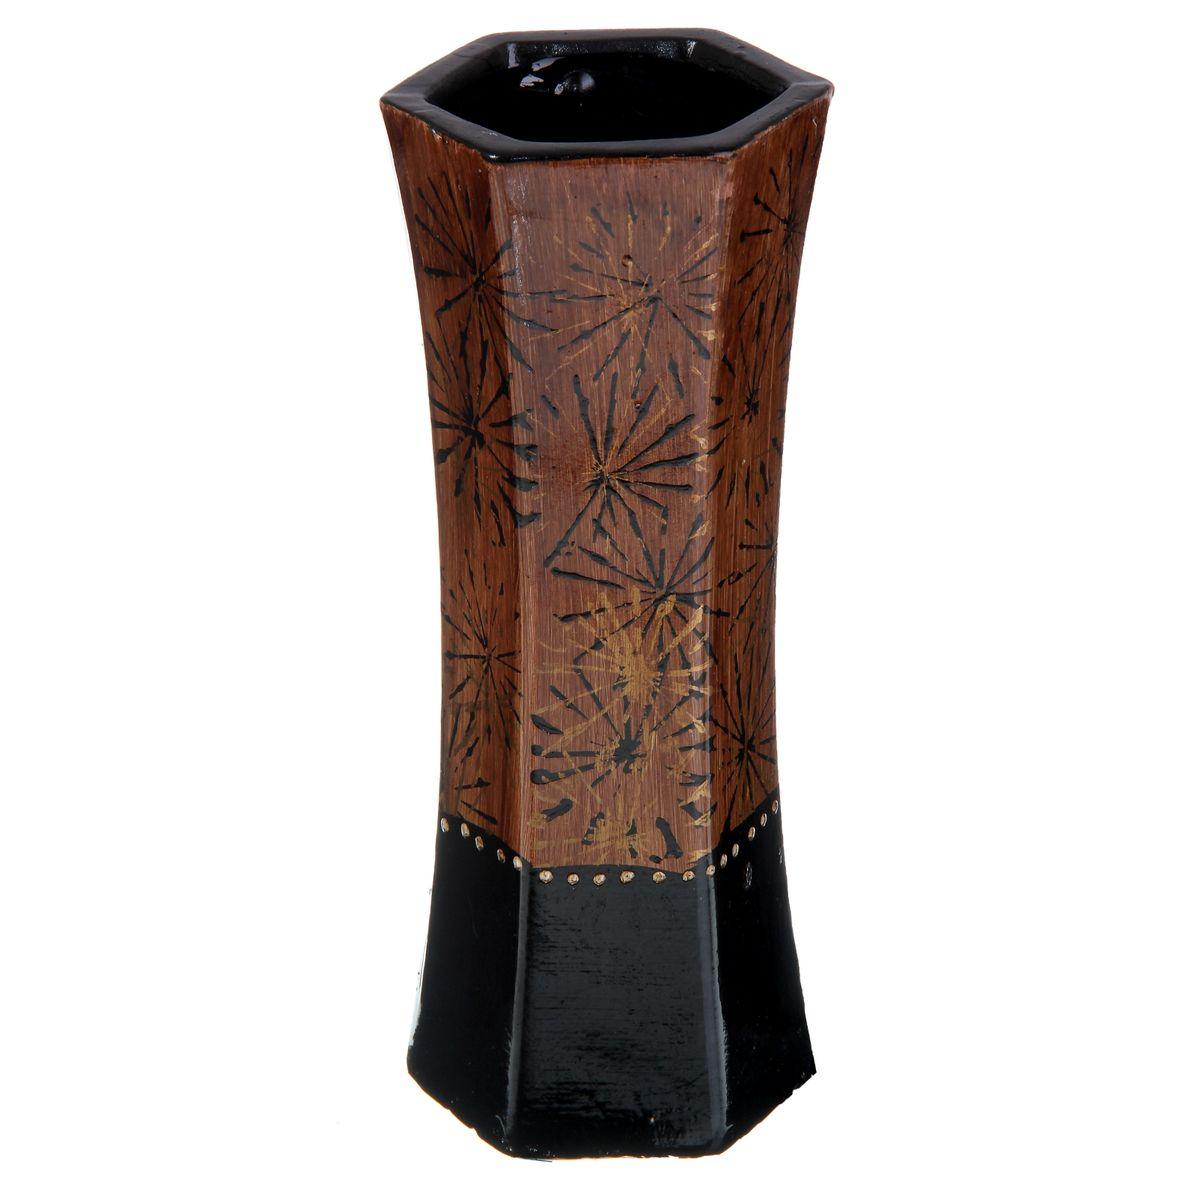 Ваза Sima-land Одуванчик, высота 24,5 смFS-91909Элегантная ваза Sima-land Одуванчик, изготовленная из высококачественной керамики, оформлена в благородных древесных оттенках с ярким рисунком. Интересная форма и необычное оформление сделают эту вазу замечательным украшением интерьера. Она предназначена как для живых, так и для искусственных цветов. Любое помещение выглядит незавершенным без правильно расположенных предметов интерьера. Они помогают создать уют, расставить акценты, подчеркнуть достоинства или скрыть недостатки.